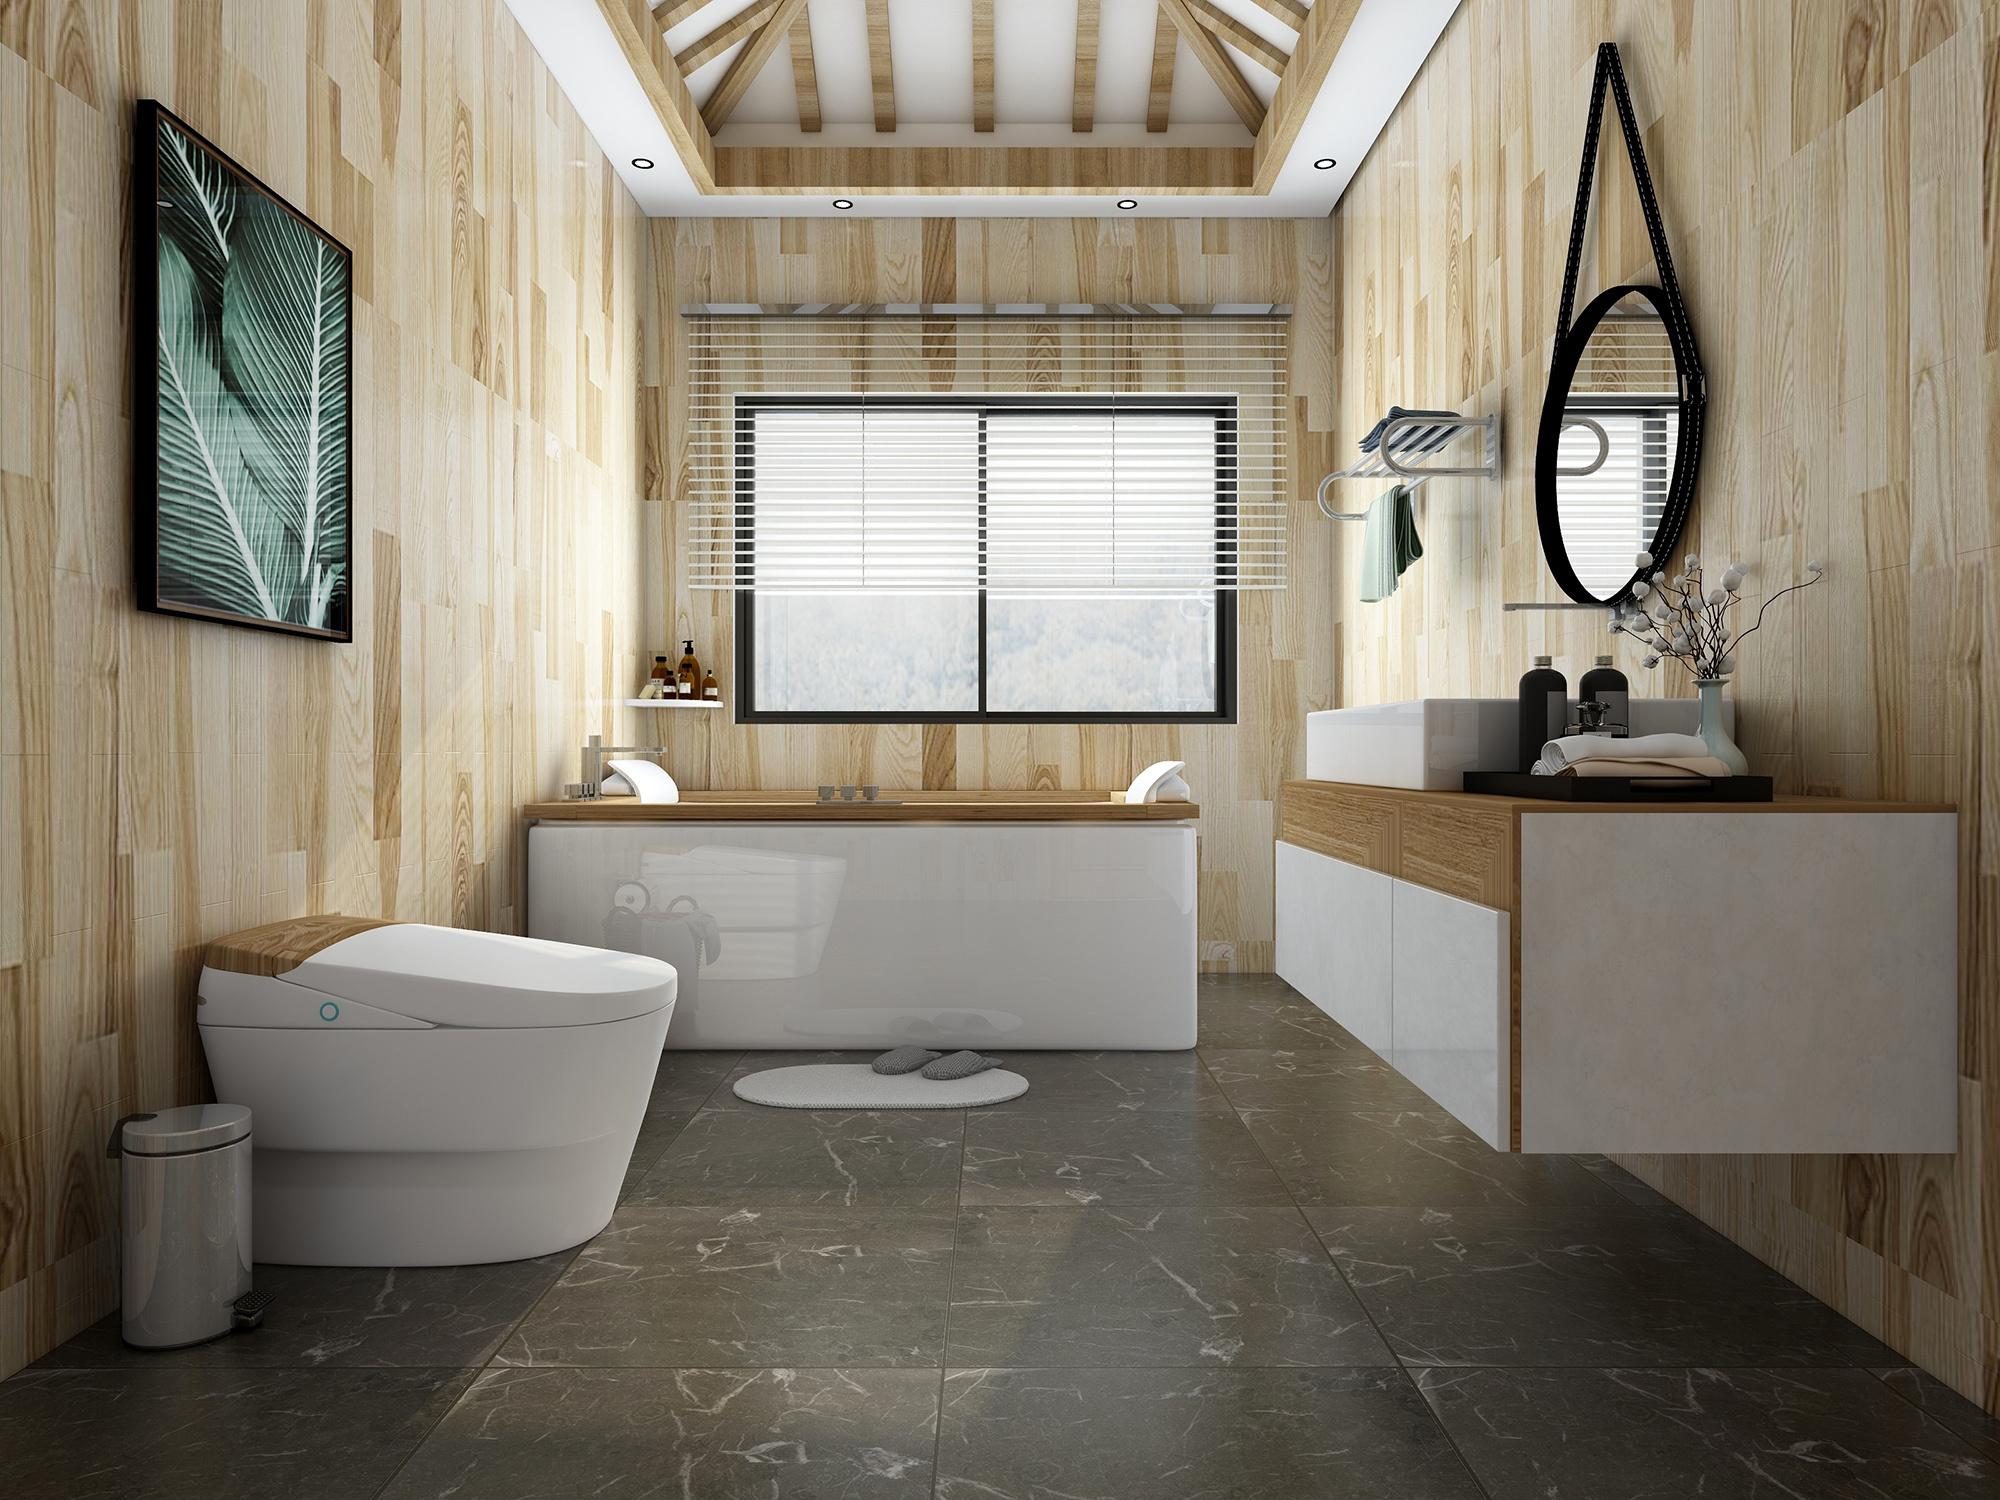 3d室内效果图/浴室瓷砖铺贴